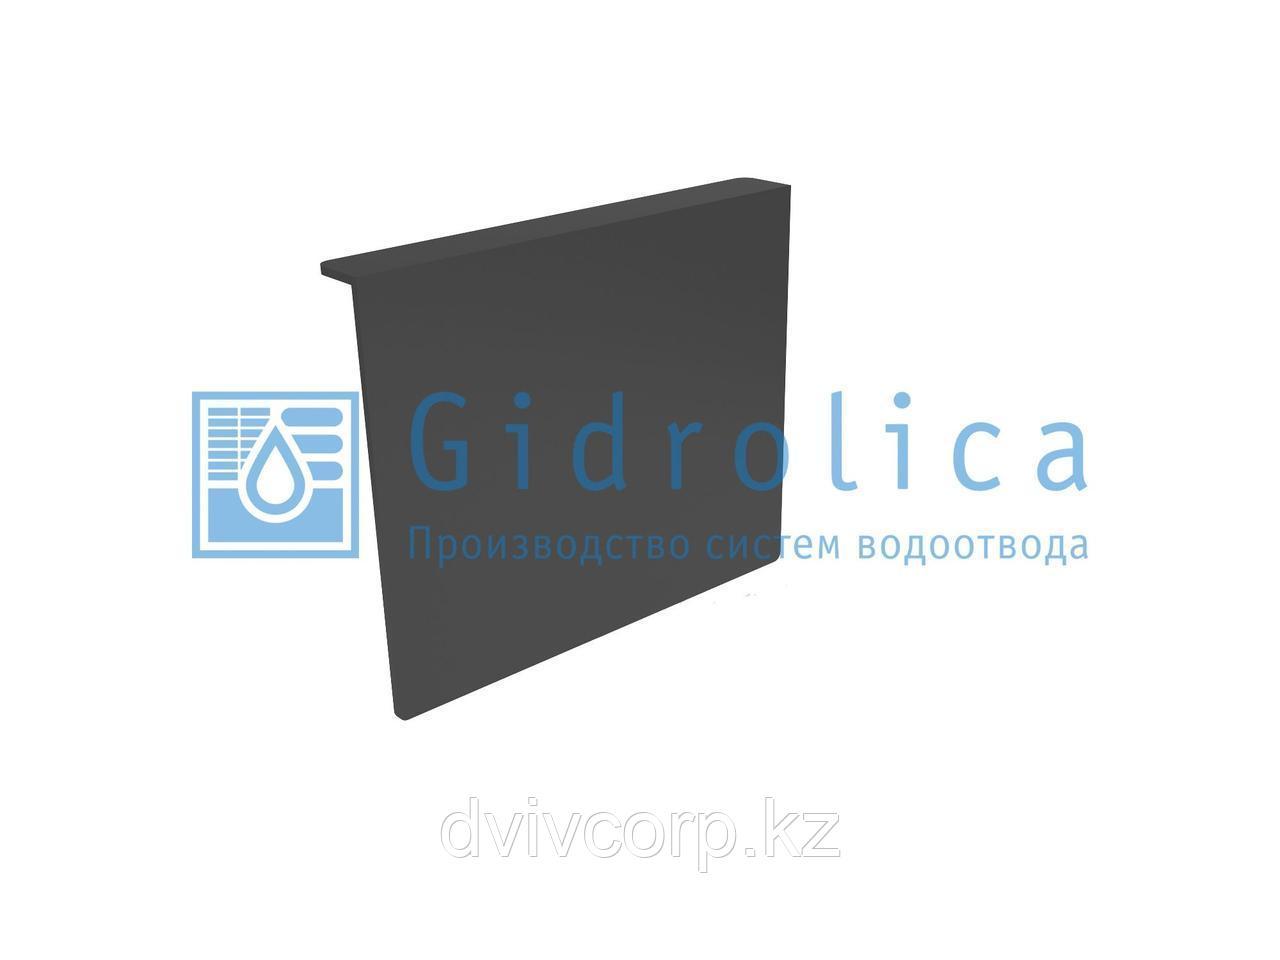 Арт. 212 Перегородка-сифон для дождеприёмника Gidrolica Point ДП-20.20 – пластиковая